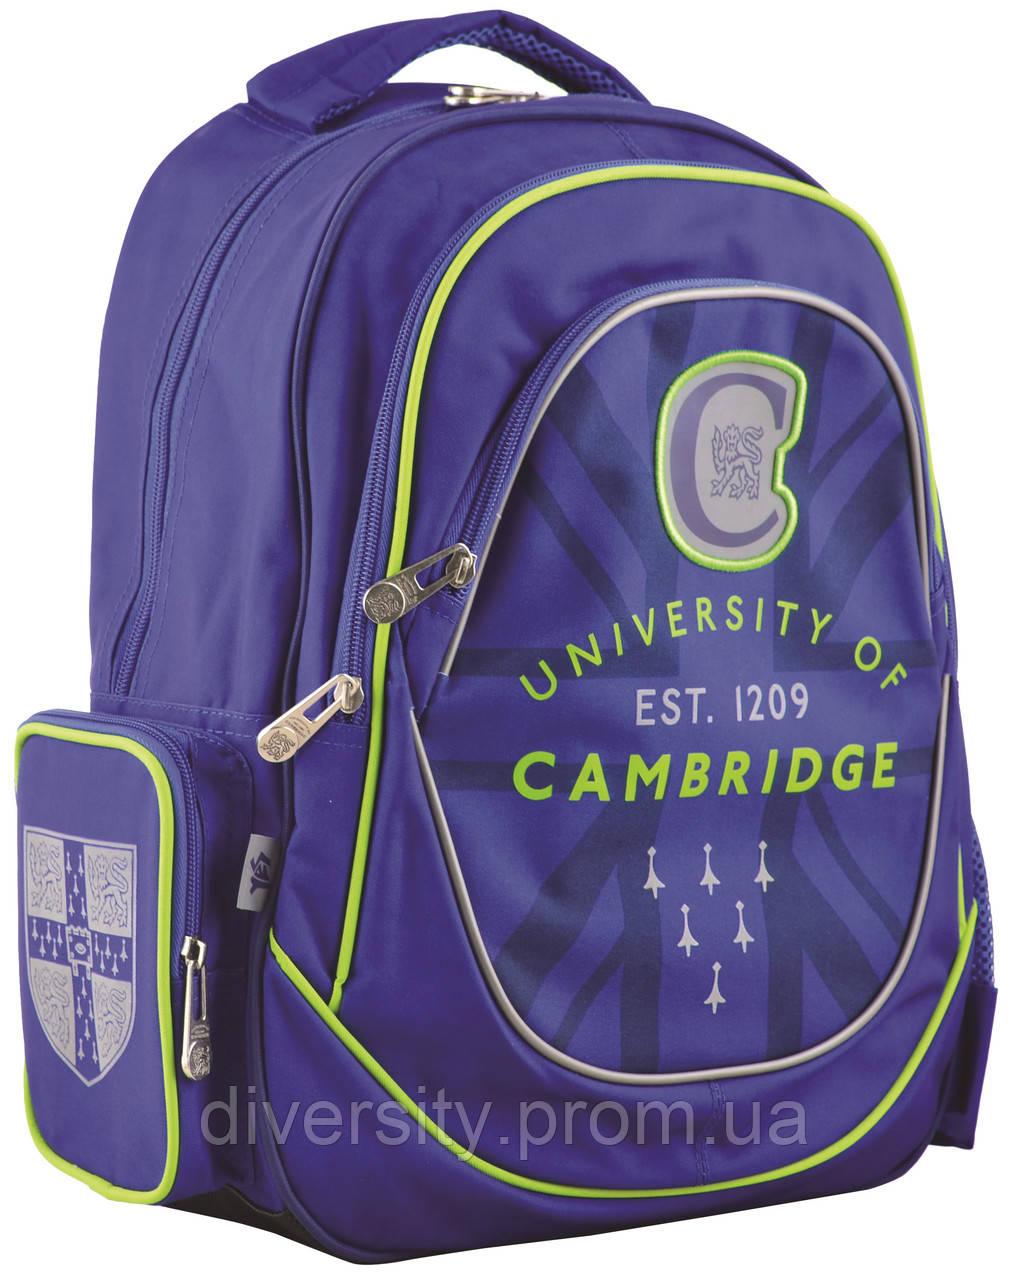 Рюкзак шкільний S-24 Cambridge, 40*30*13.5 555290